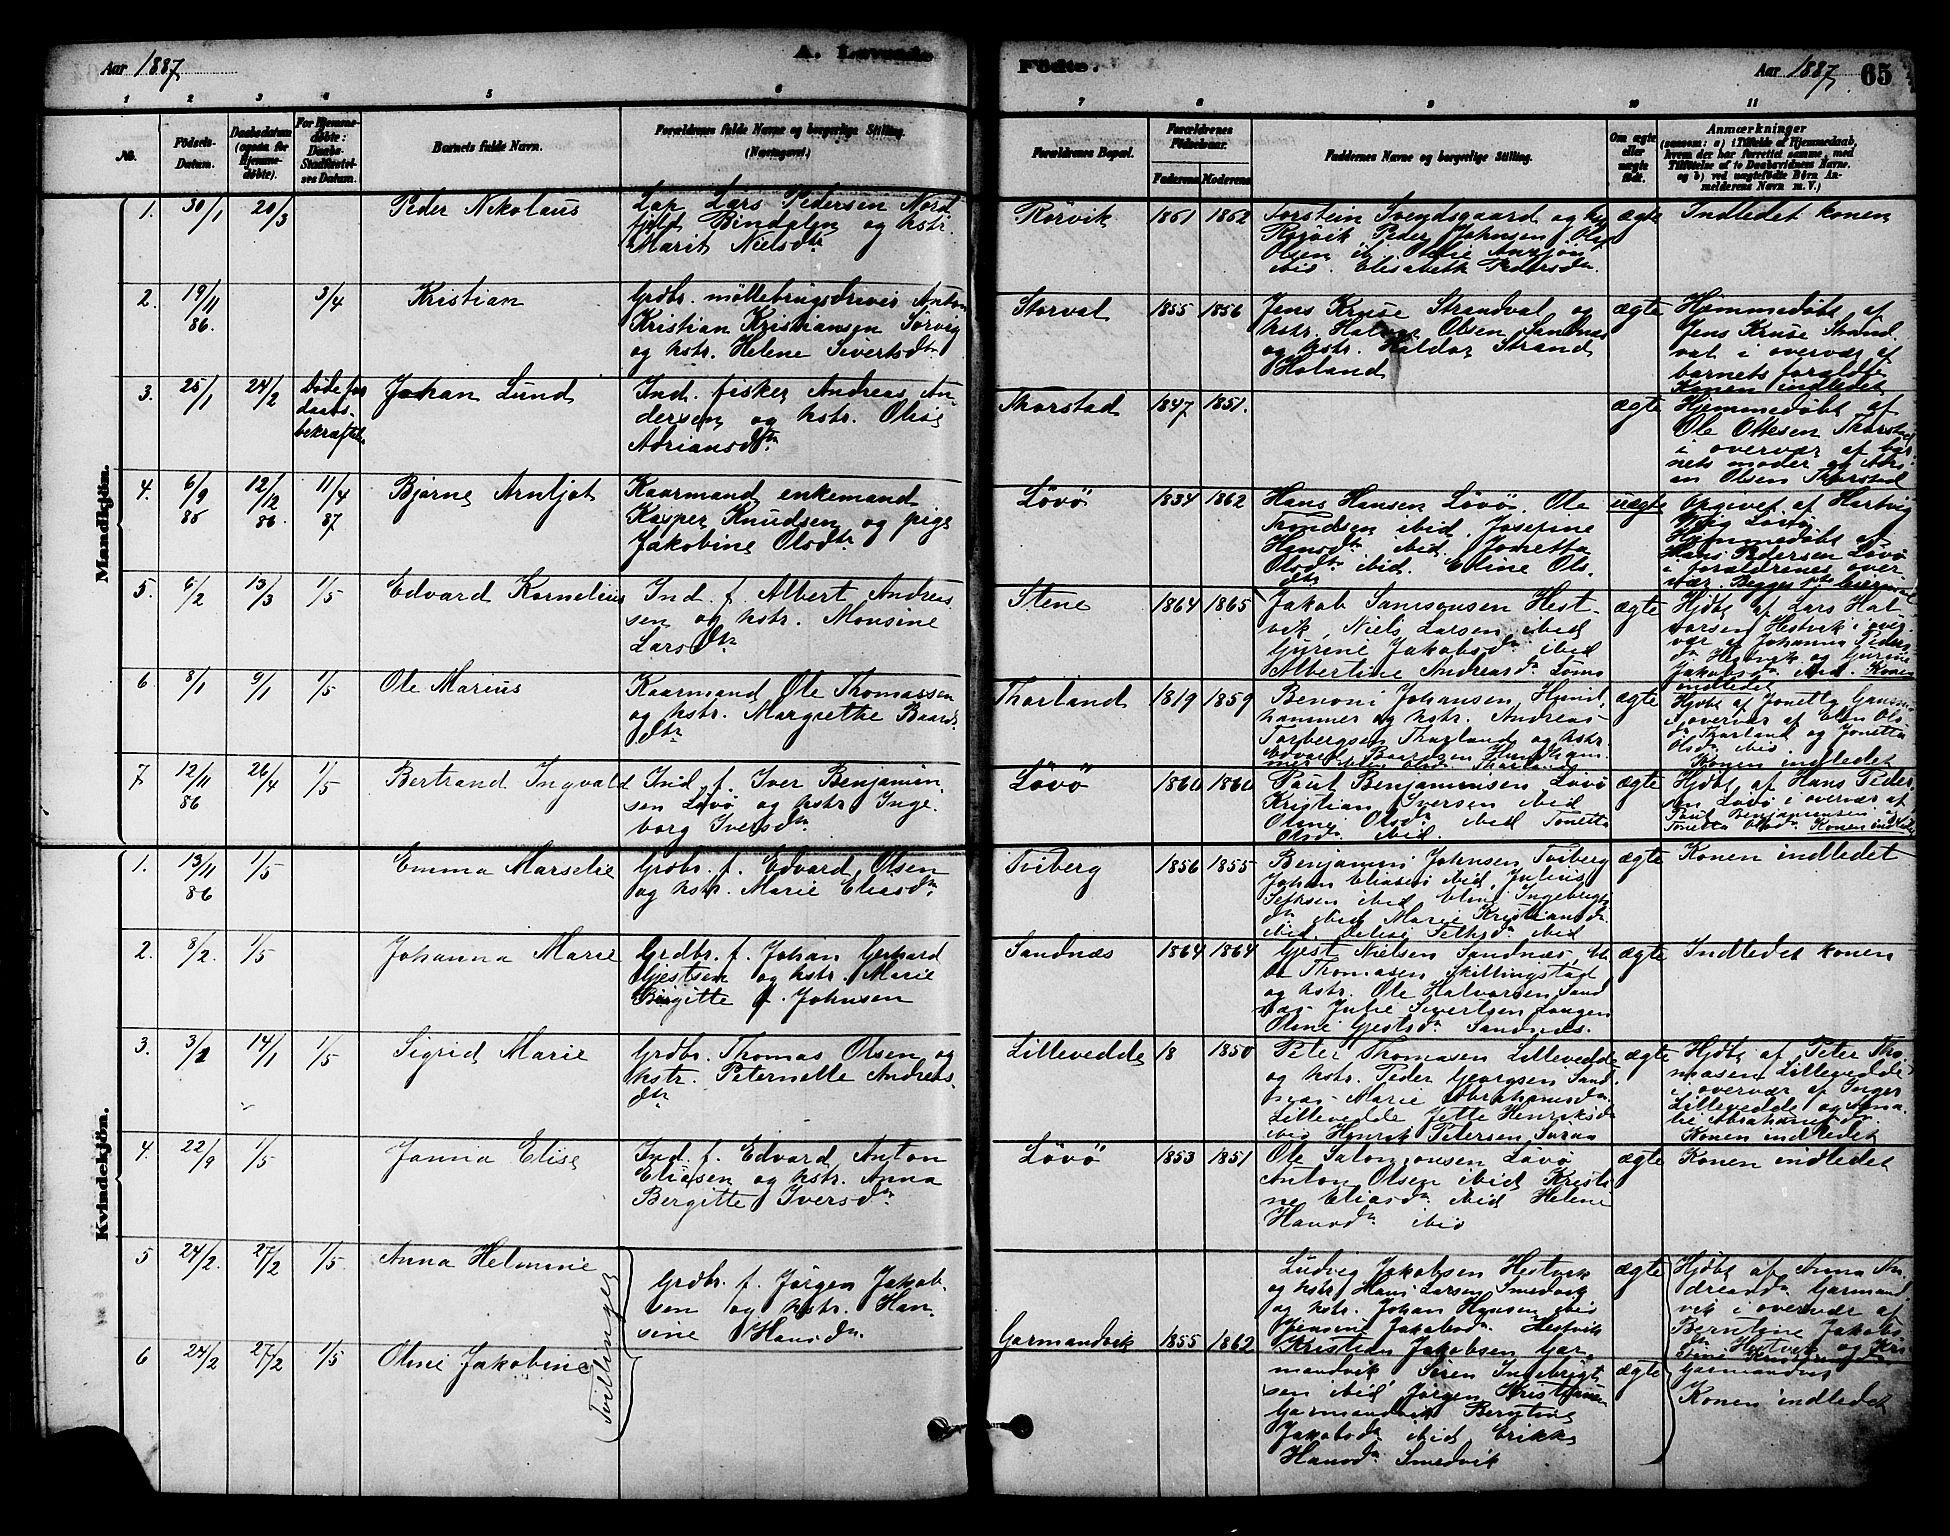 SAT, Ministerialprotokoller, klokkerbøker og fødselsregistre - Nord-Trøndelag, 784/L0672: Ministerialbok nr. 784A07, 1880-1887, s. 65